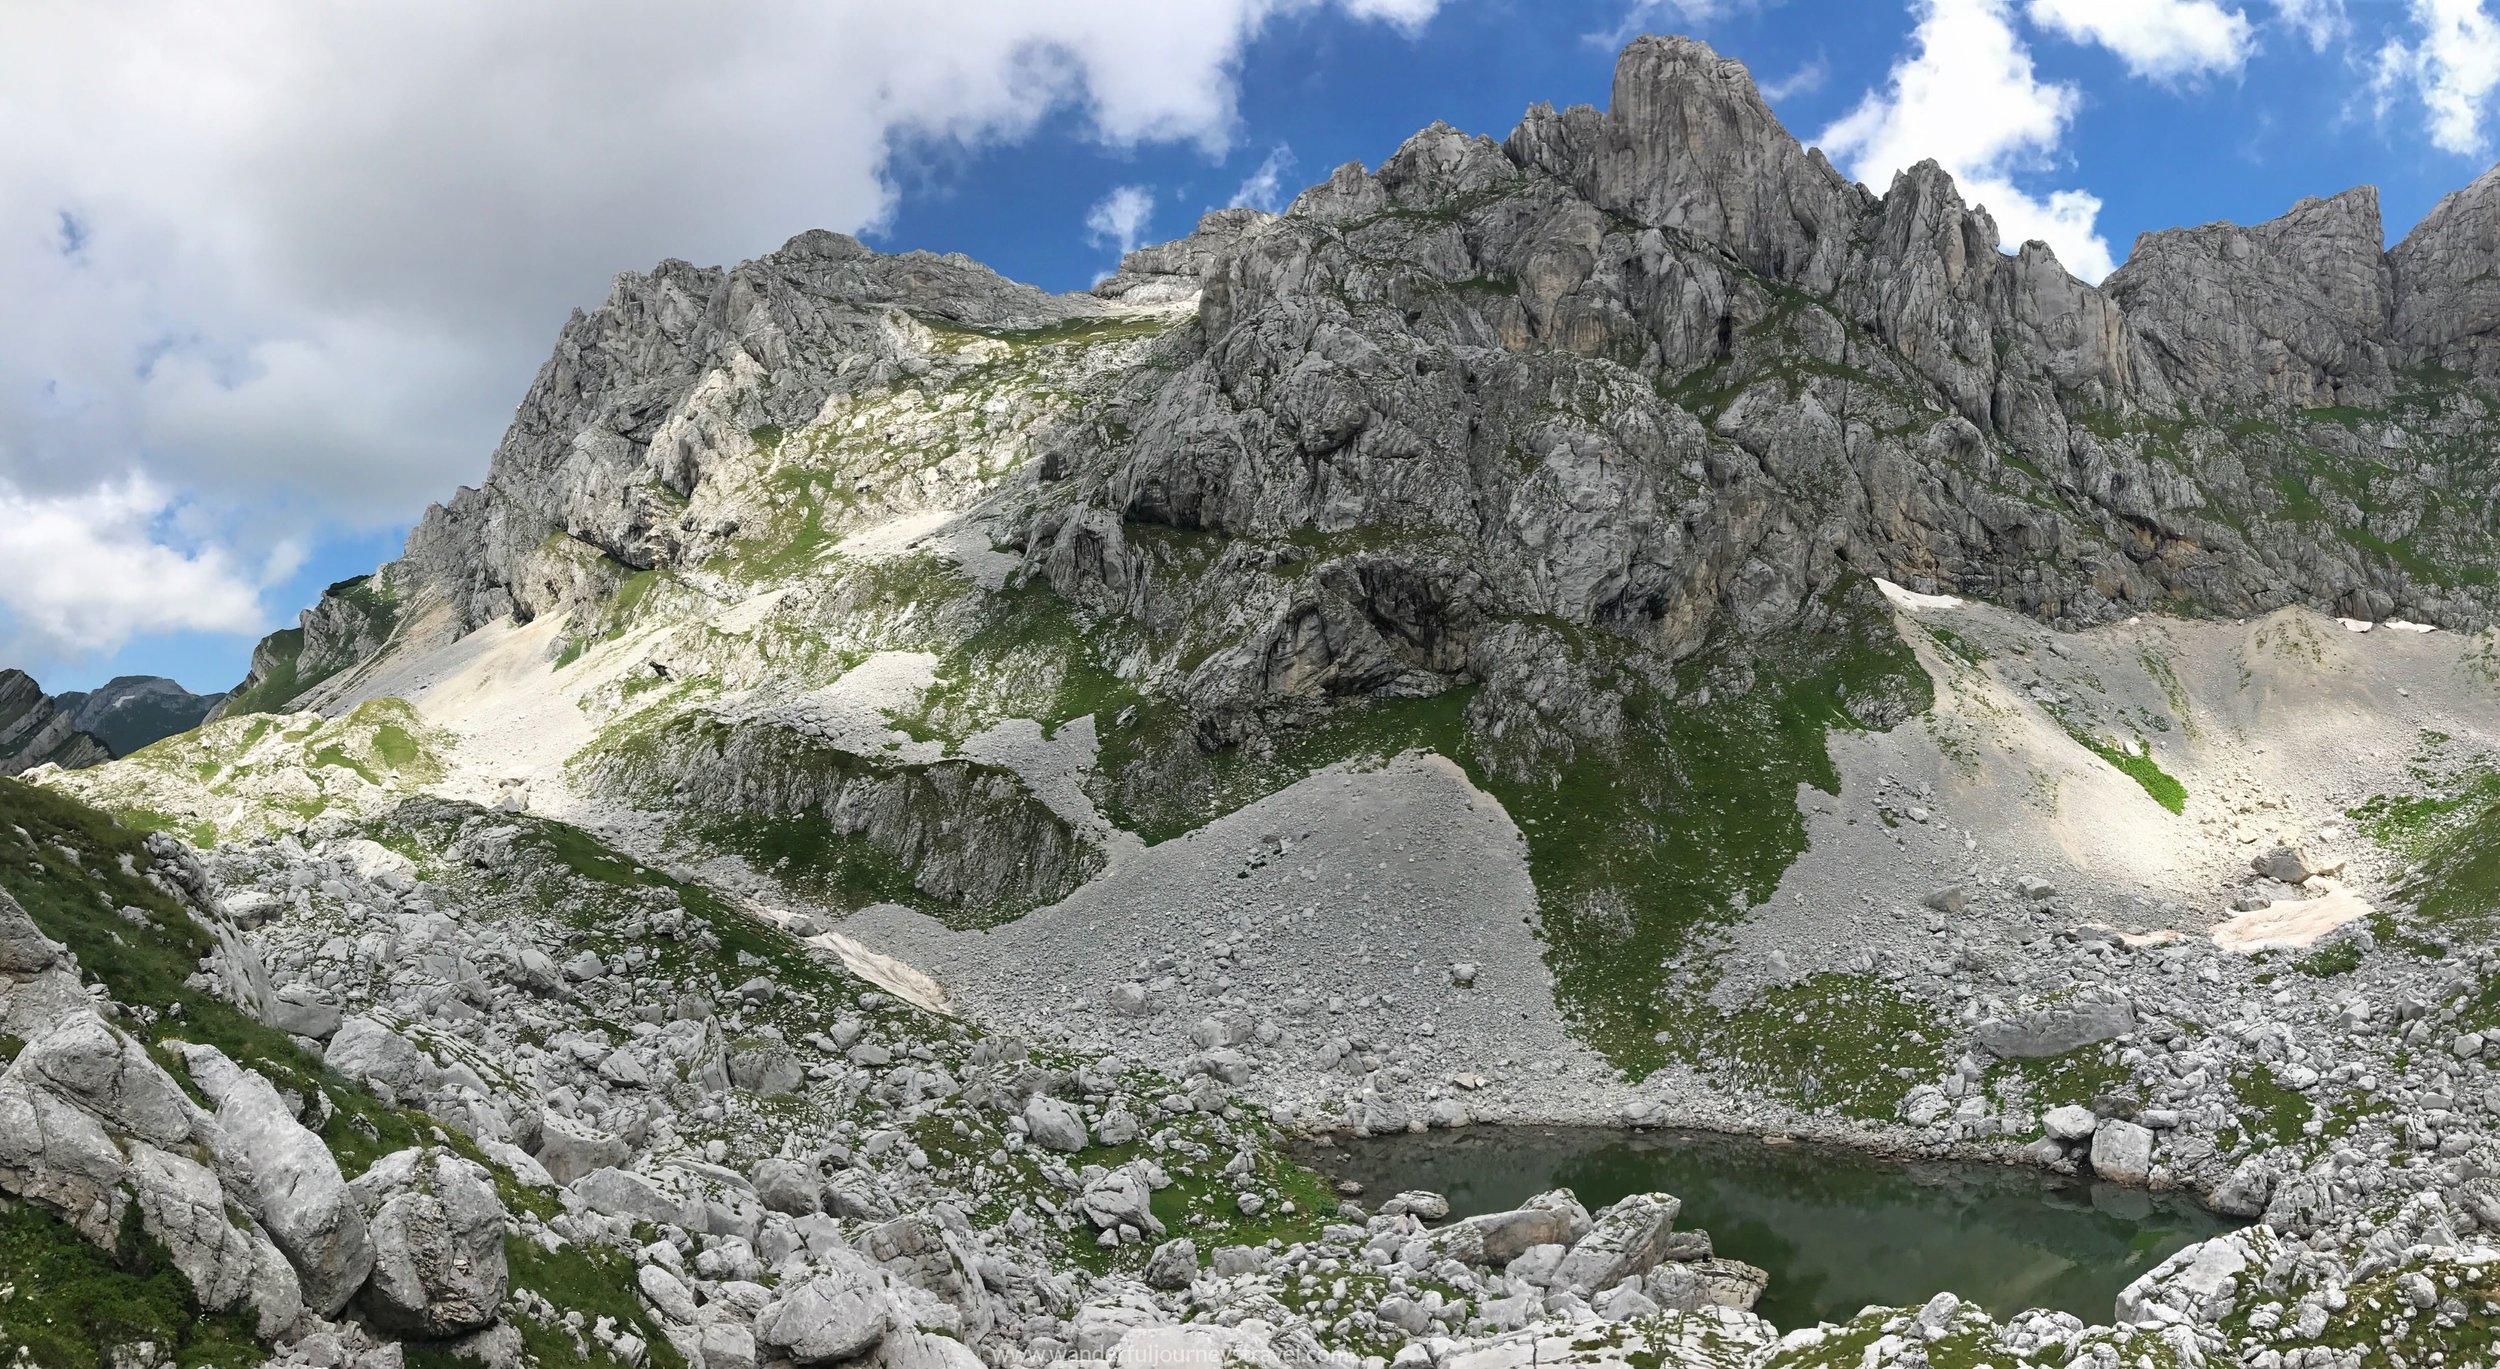 bobotov-kuk-sedlo-lake-pano-view-montenegro.jpg